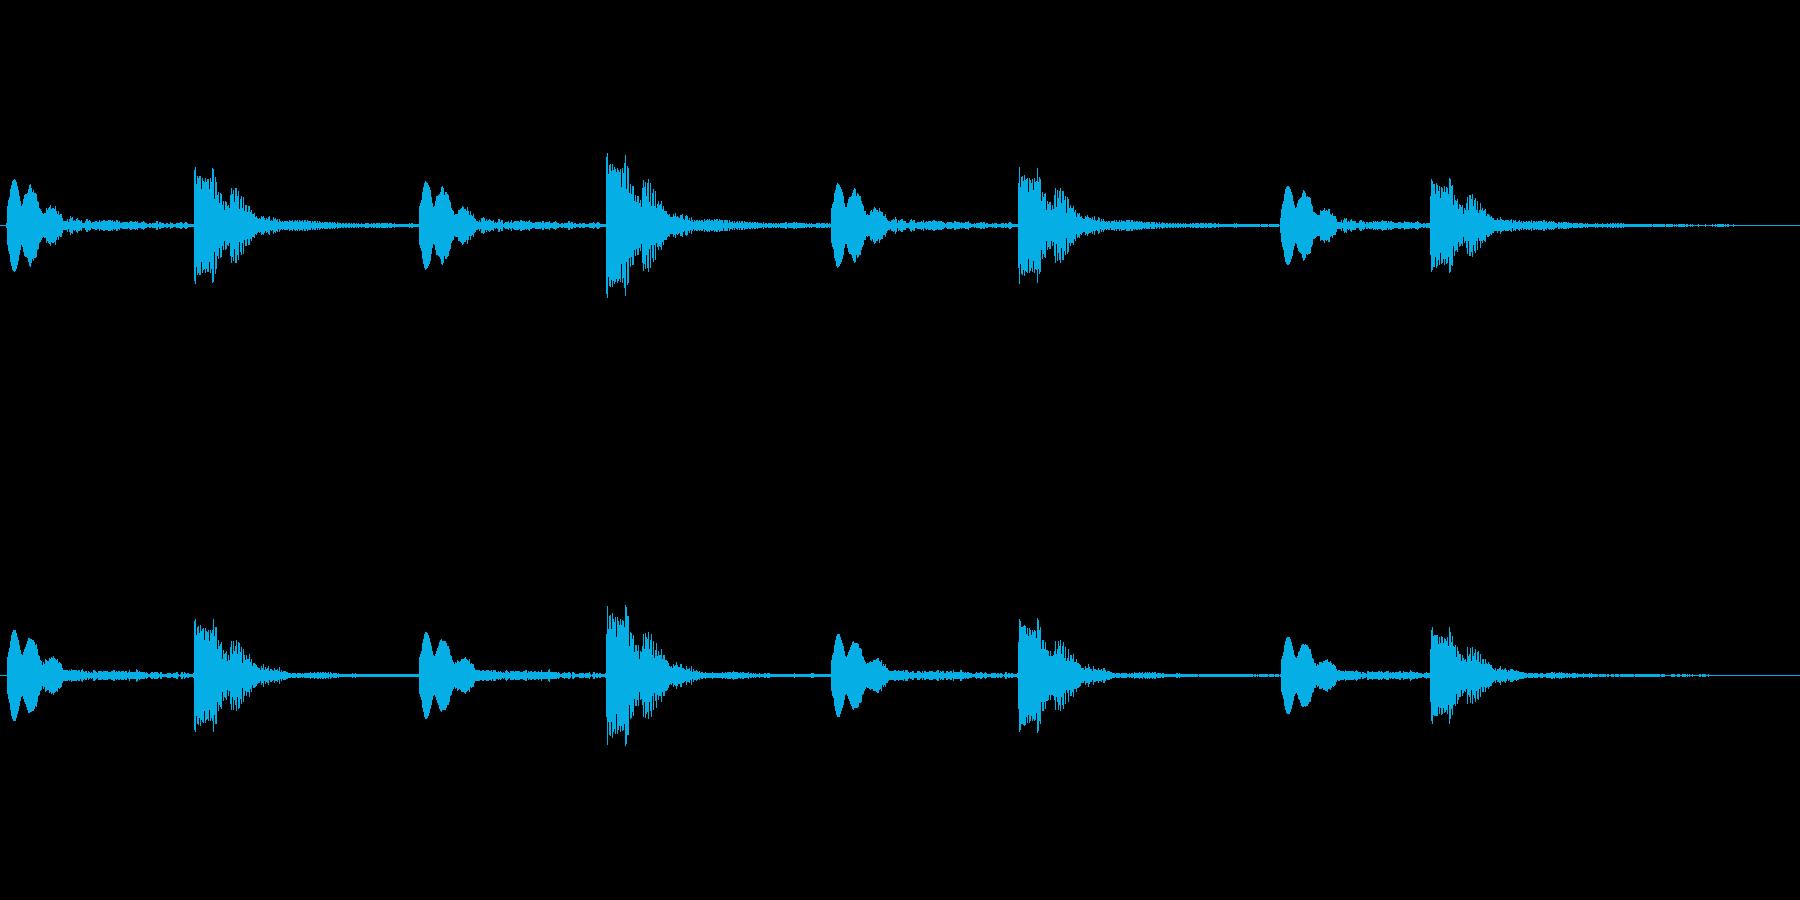 「パーン ビコン」(シーティング的な音)の再生済みの波形